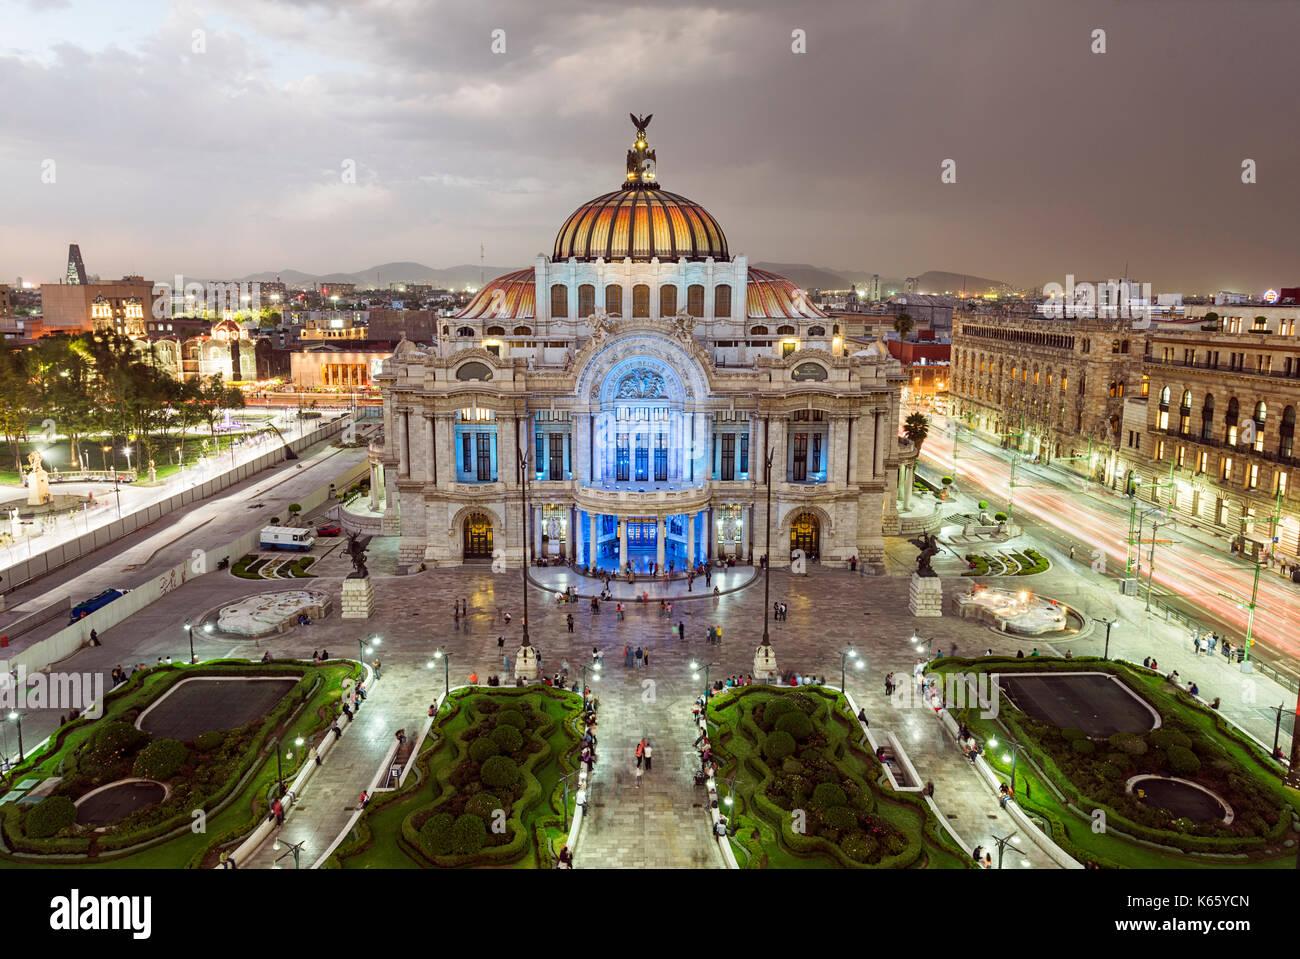 Palacio de Bellas Artes in Mexico City - Stock Image